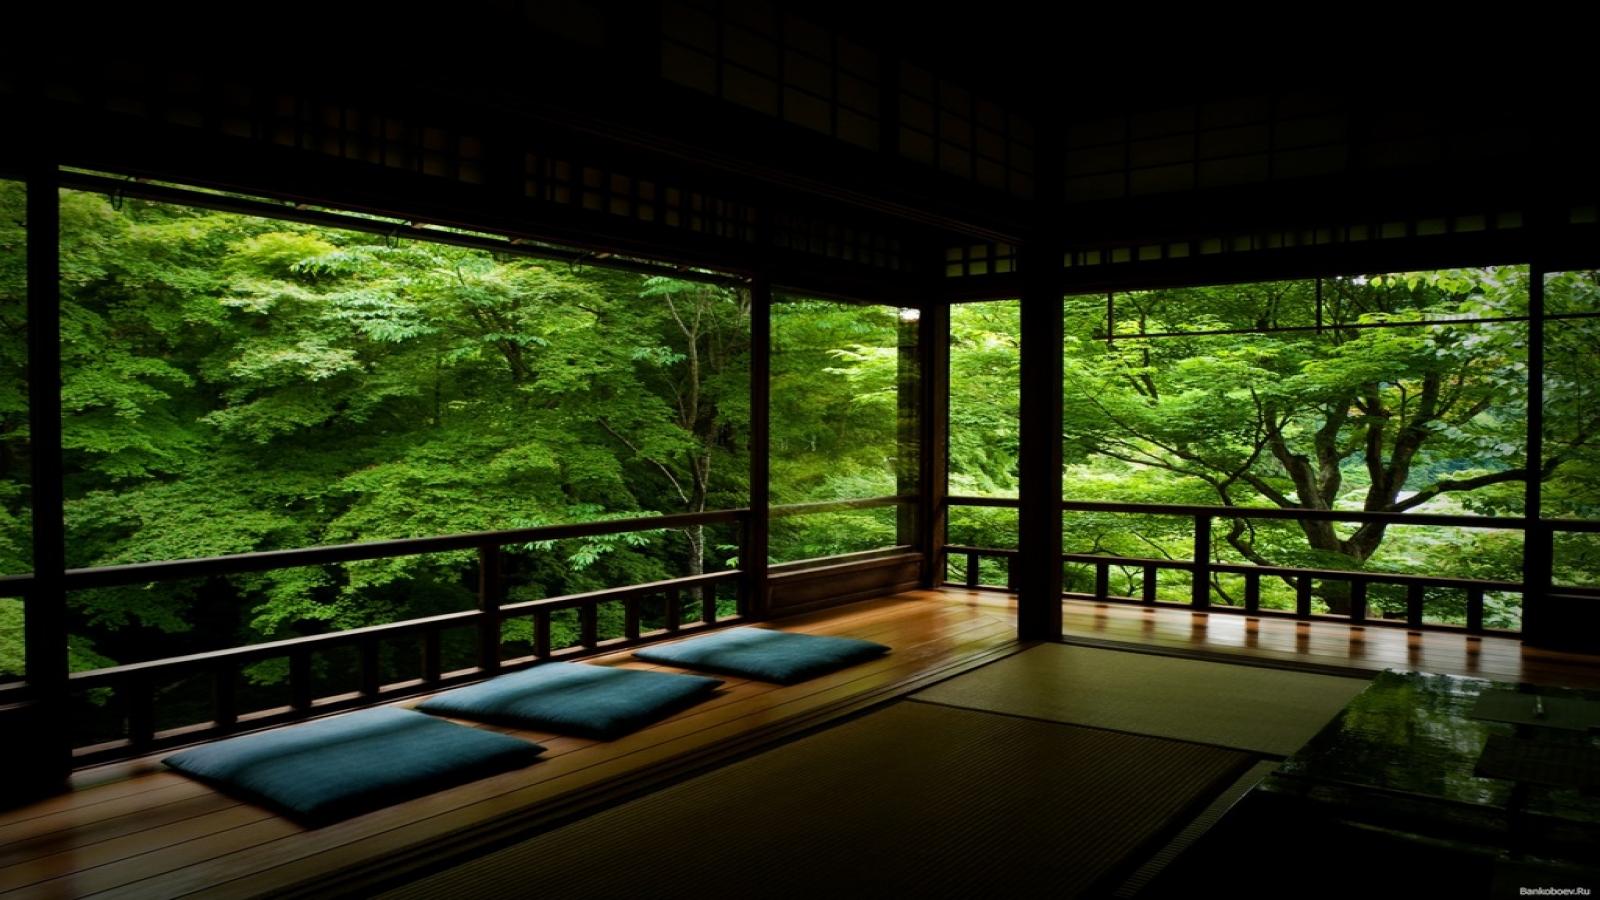 1600x900 px] Wallpapers Zen Room Screensavers Play Wallpaper 1600x900